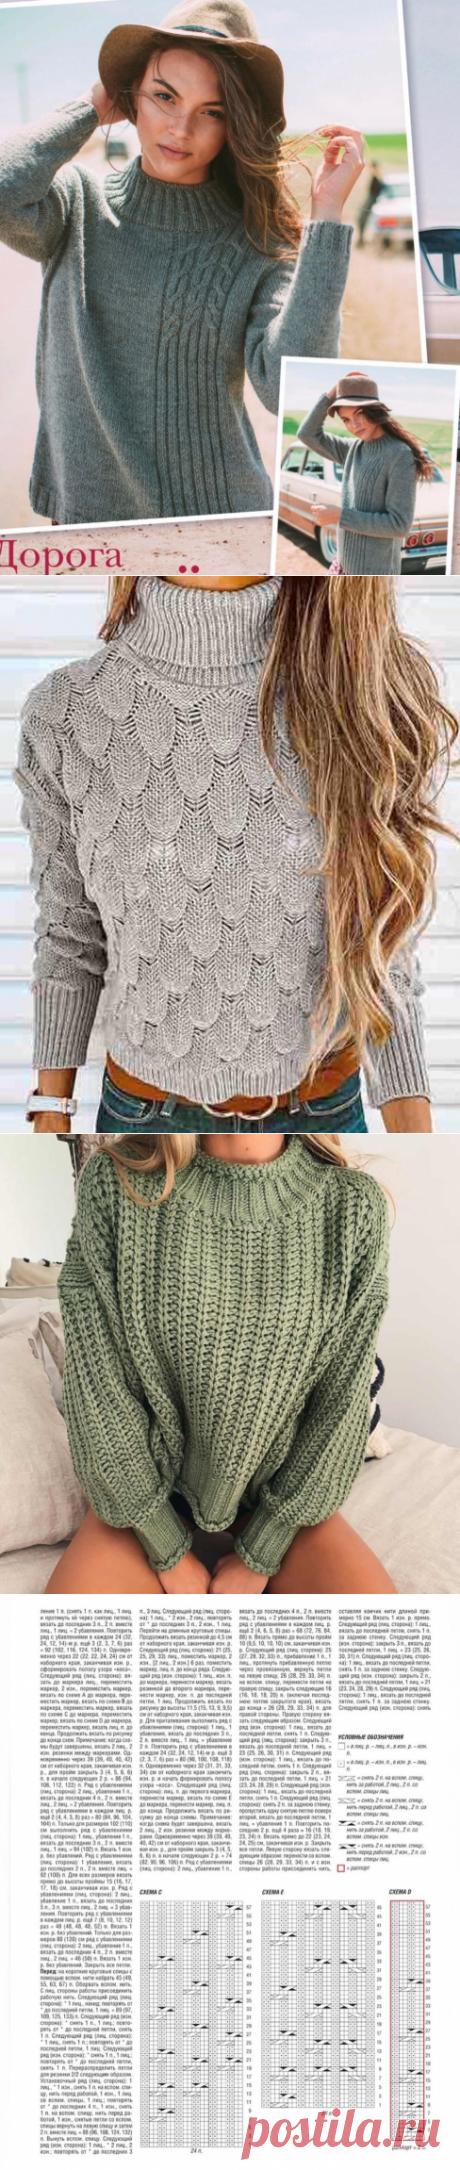 Три стильных свитера на осень   Вязаные истории   Яндекс Дзен